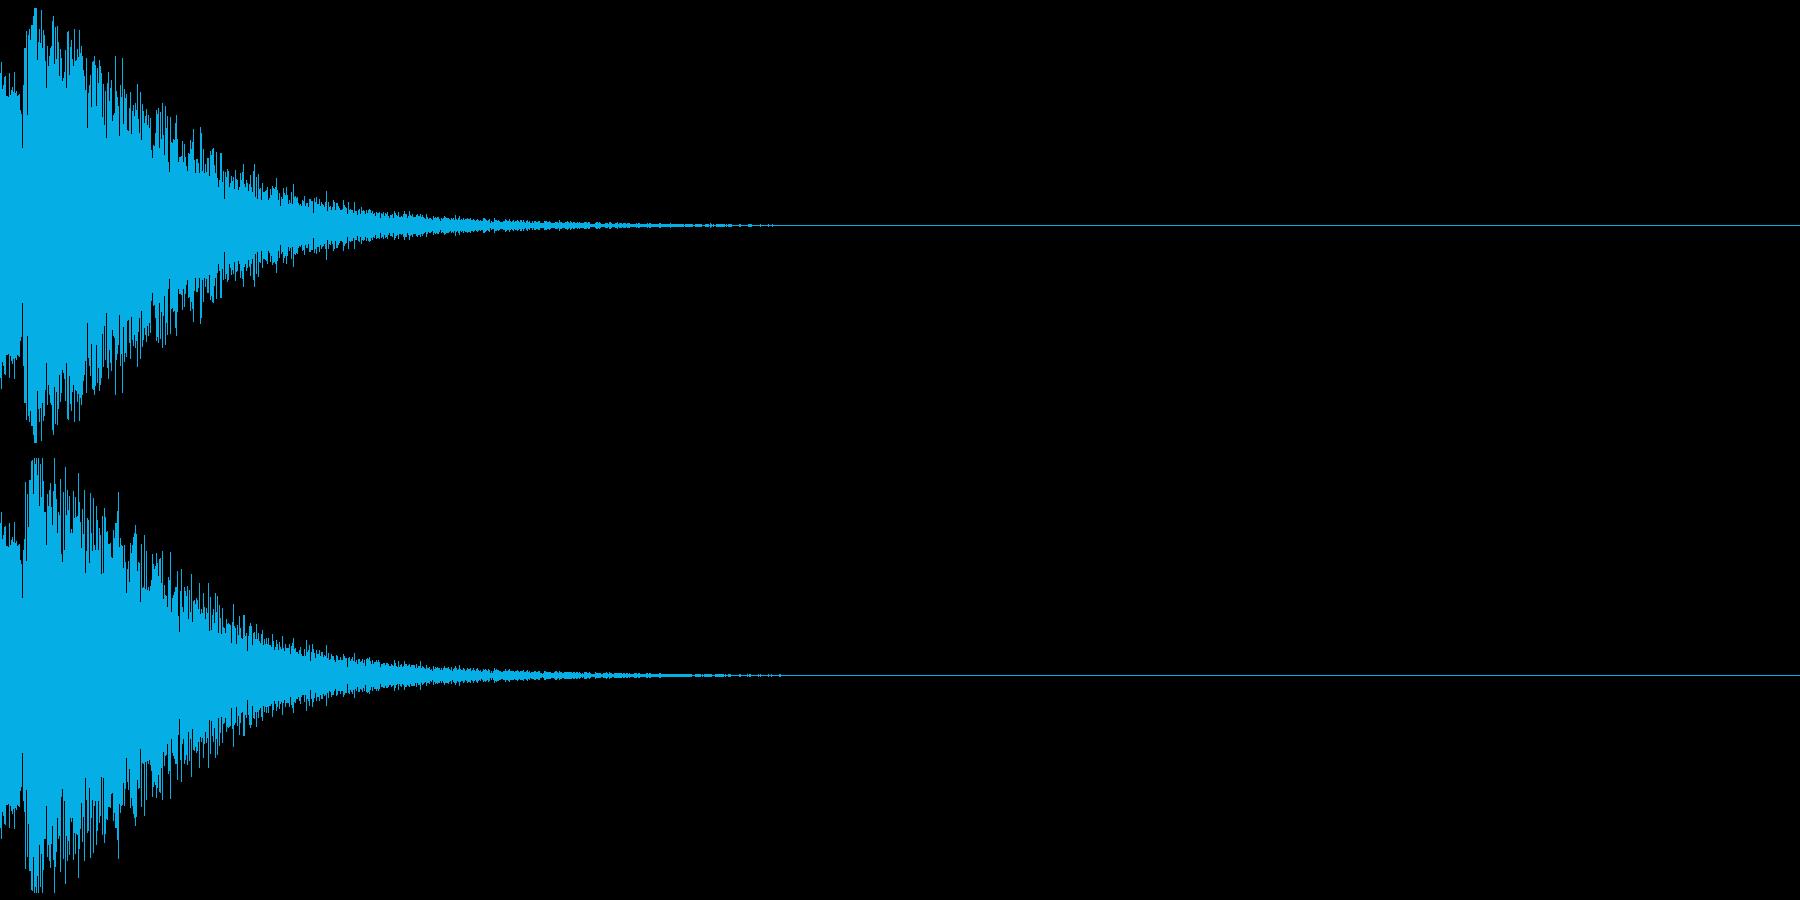 ピュルルルー ゲームオーバー 不正解の再生済みの波形